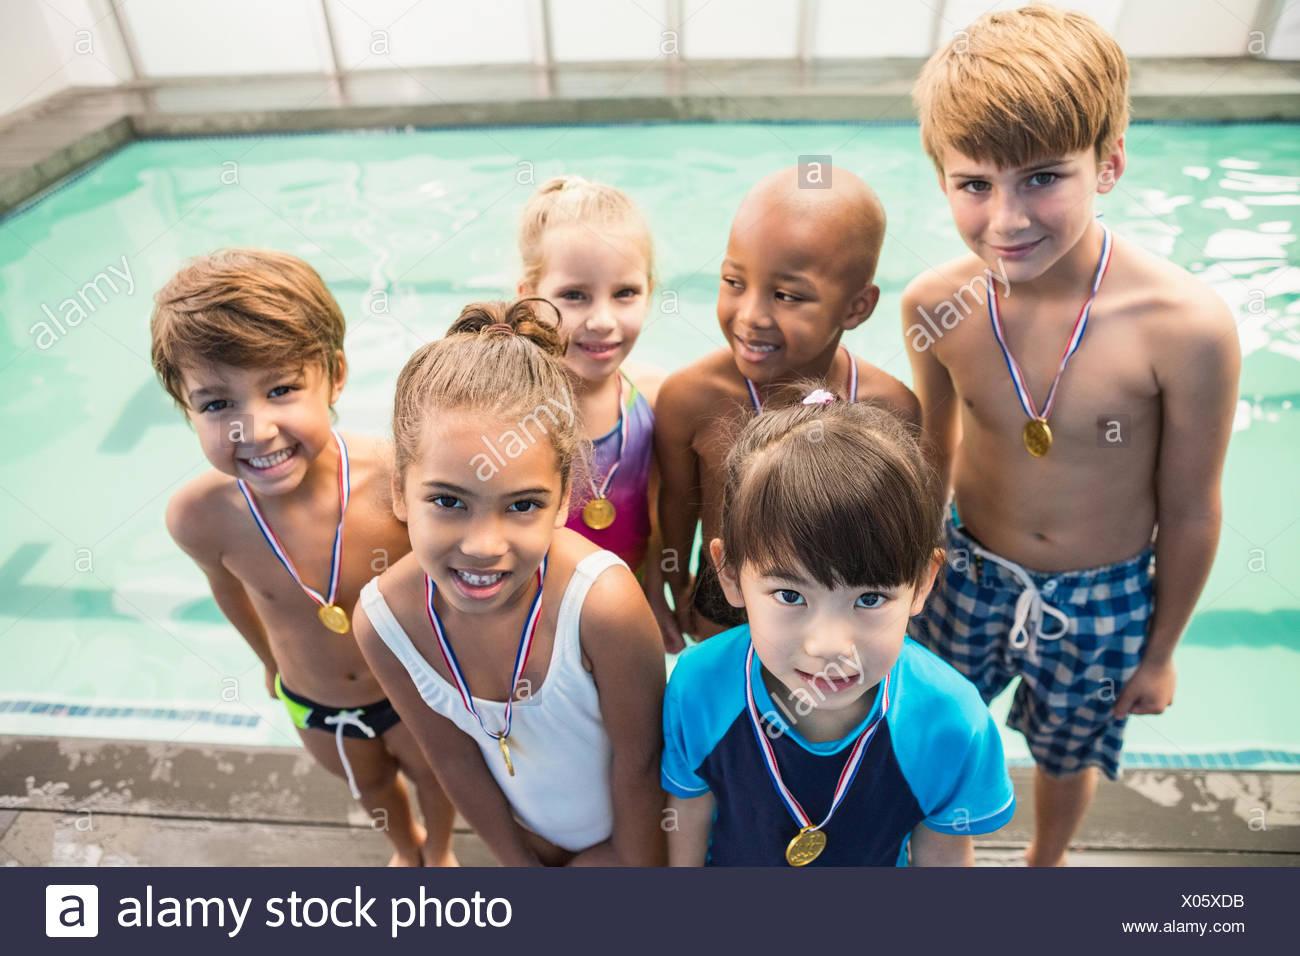 Cours de natation piscine mignon souriant avec des médailles Photo Stock